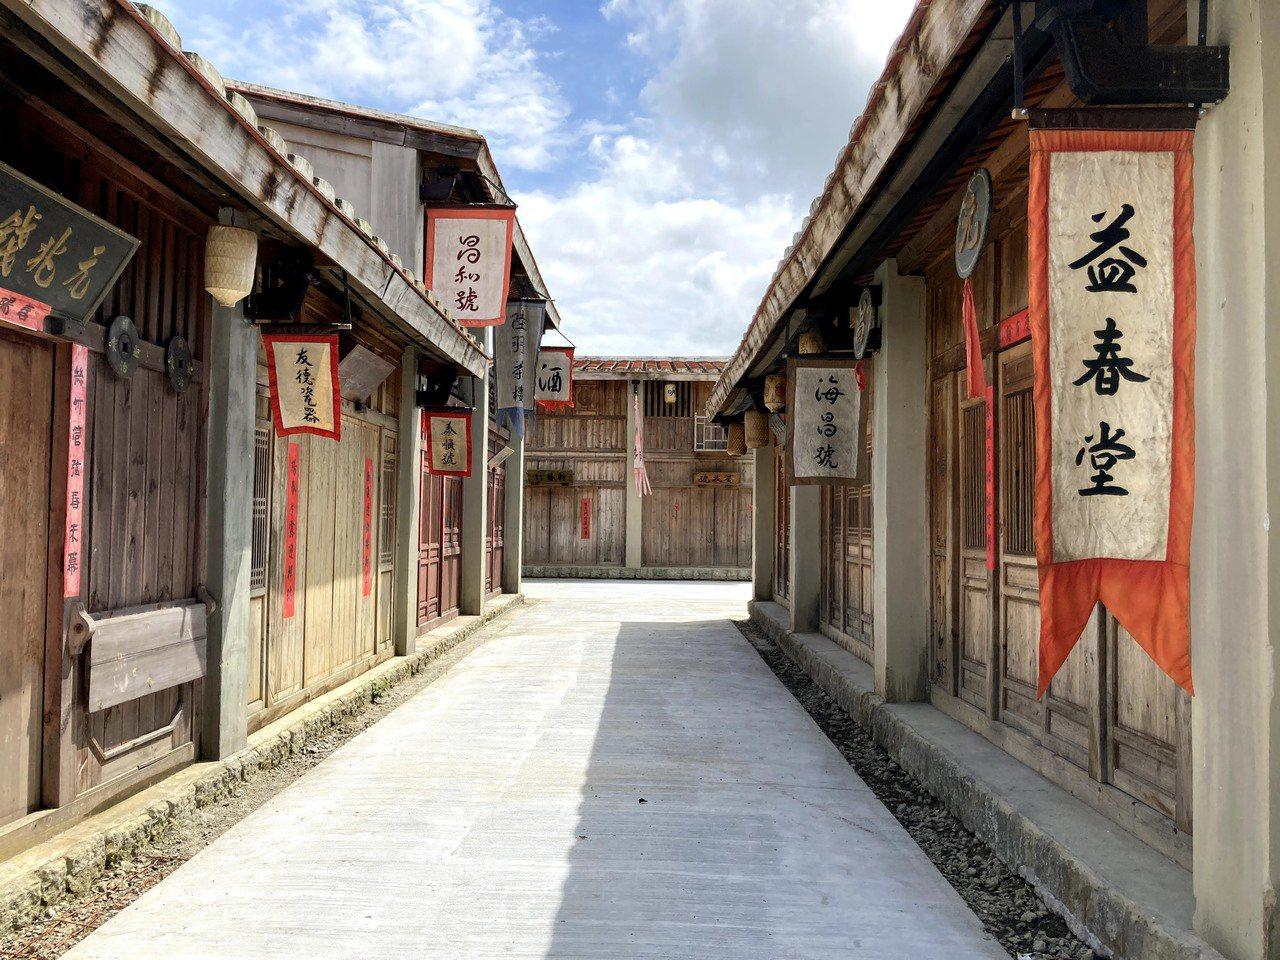 《斯卡羅》劇中的府城場景搭建在台南鹽水岸內糖廠景視園區內。 圖/台南市政府提供